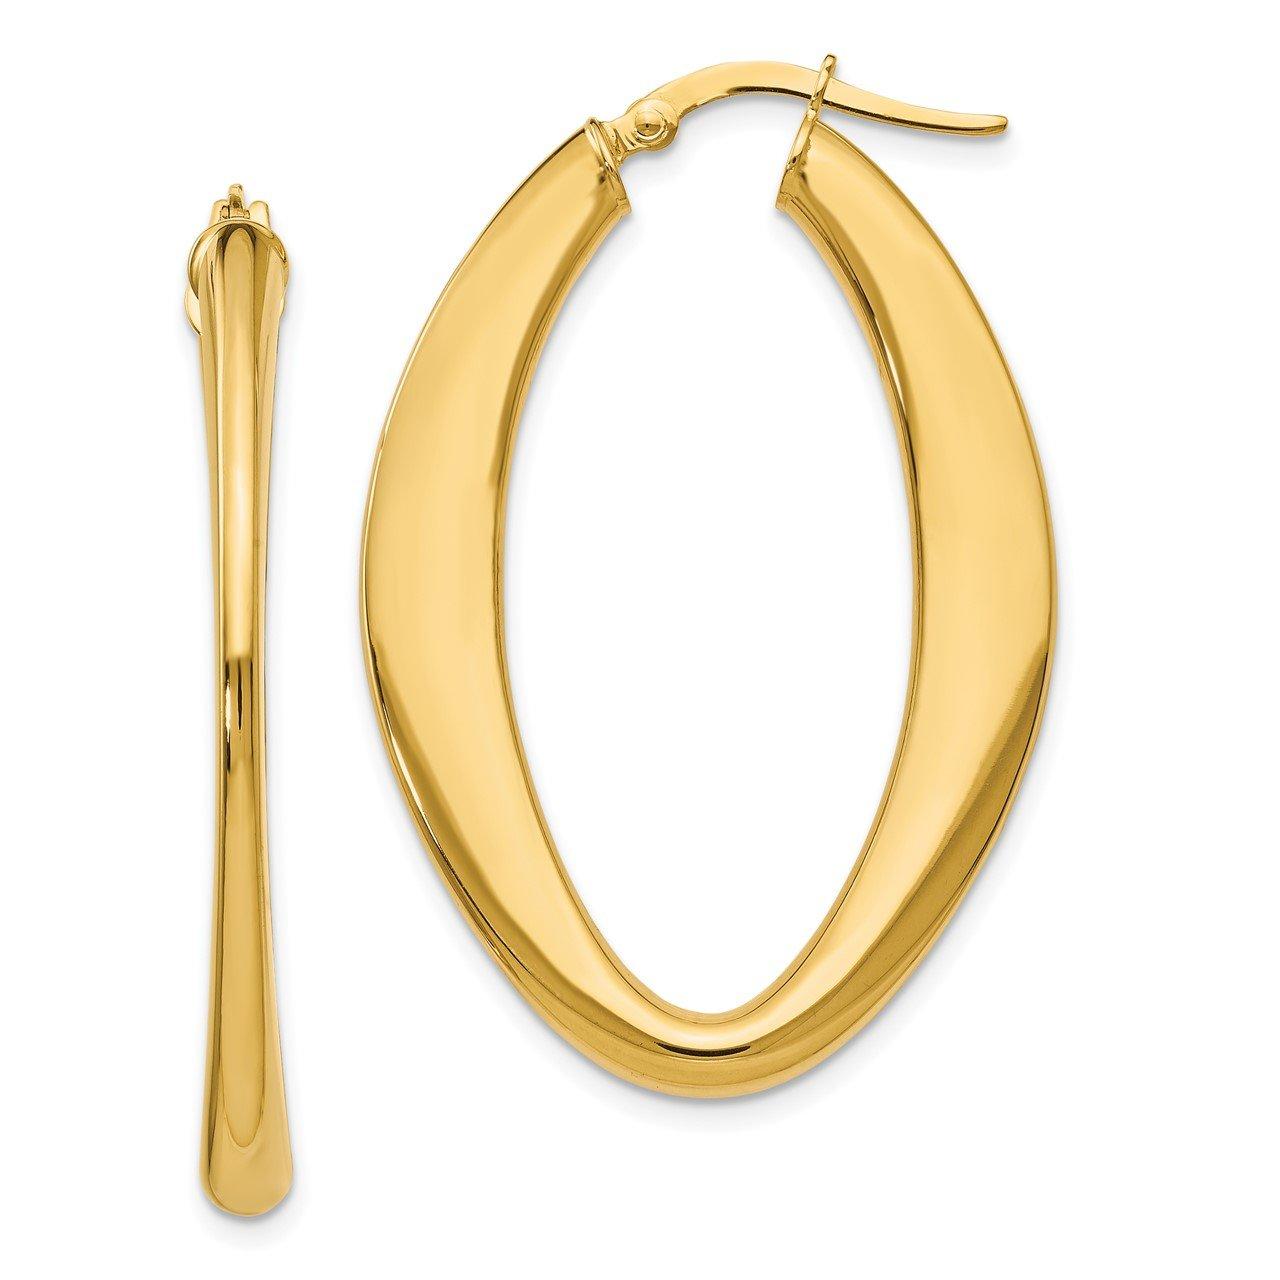 Leslie's 14K Polished Oval Hoop Earrings